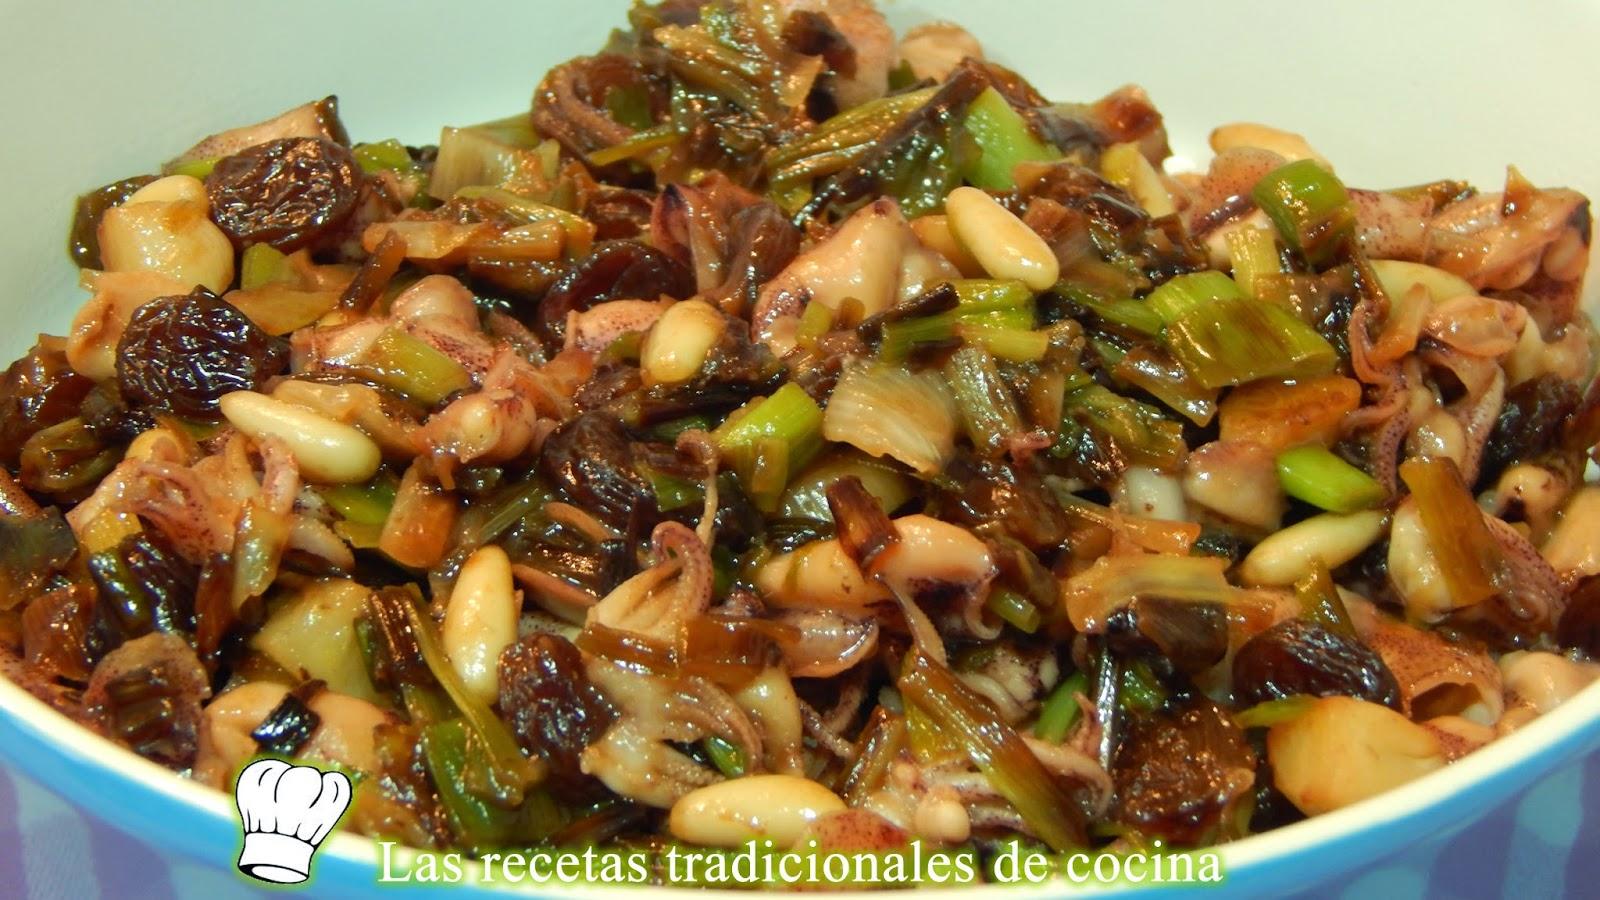 Calamares con ajos tiernos pasas y pi ones receta f cil - Limpiar calamares pequenos ...